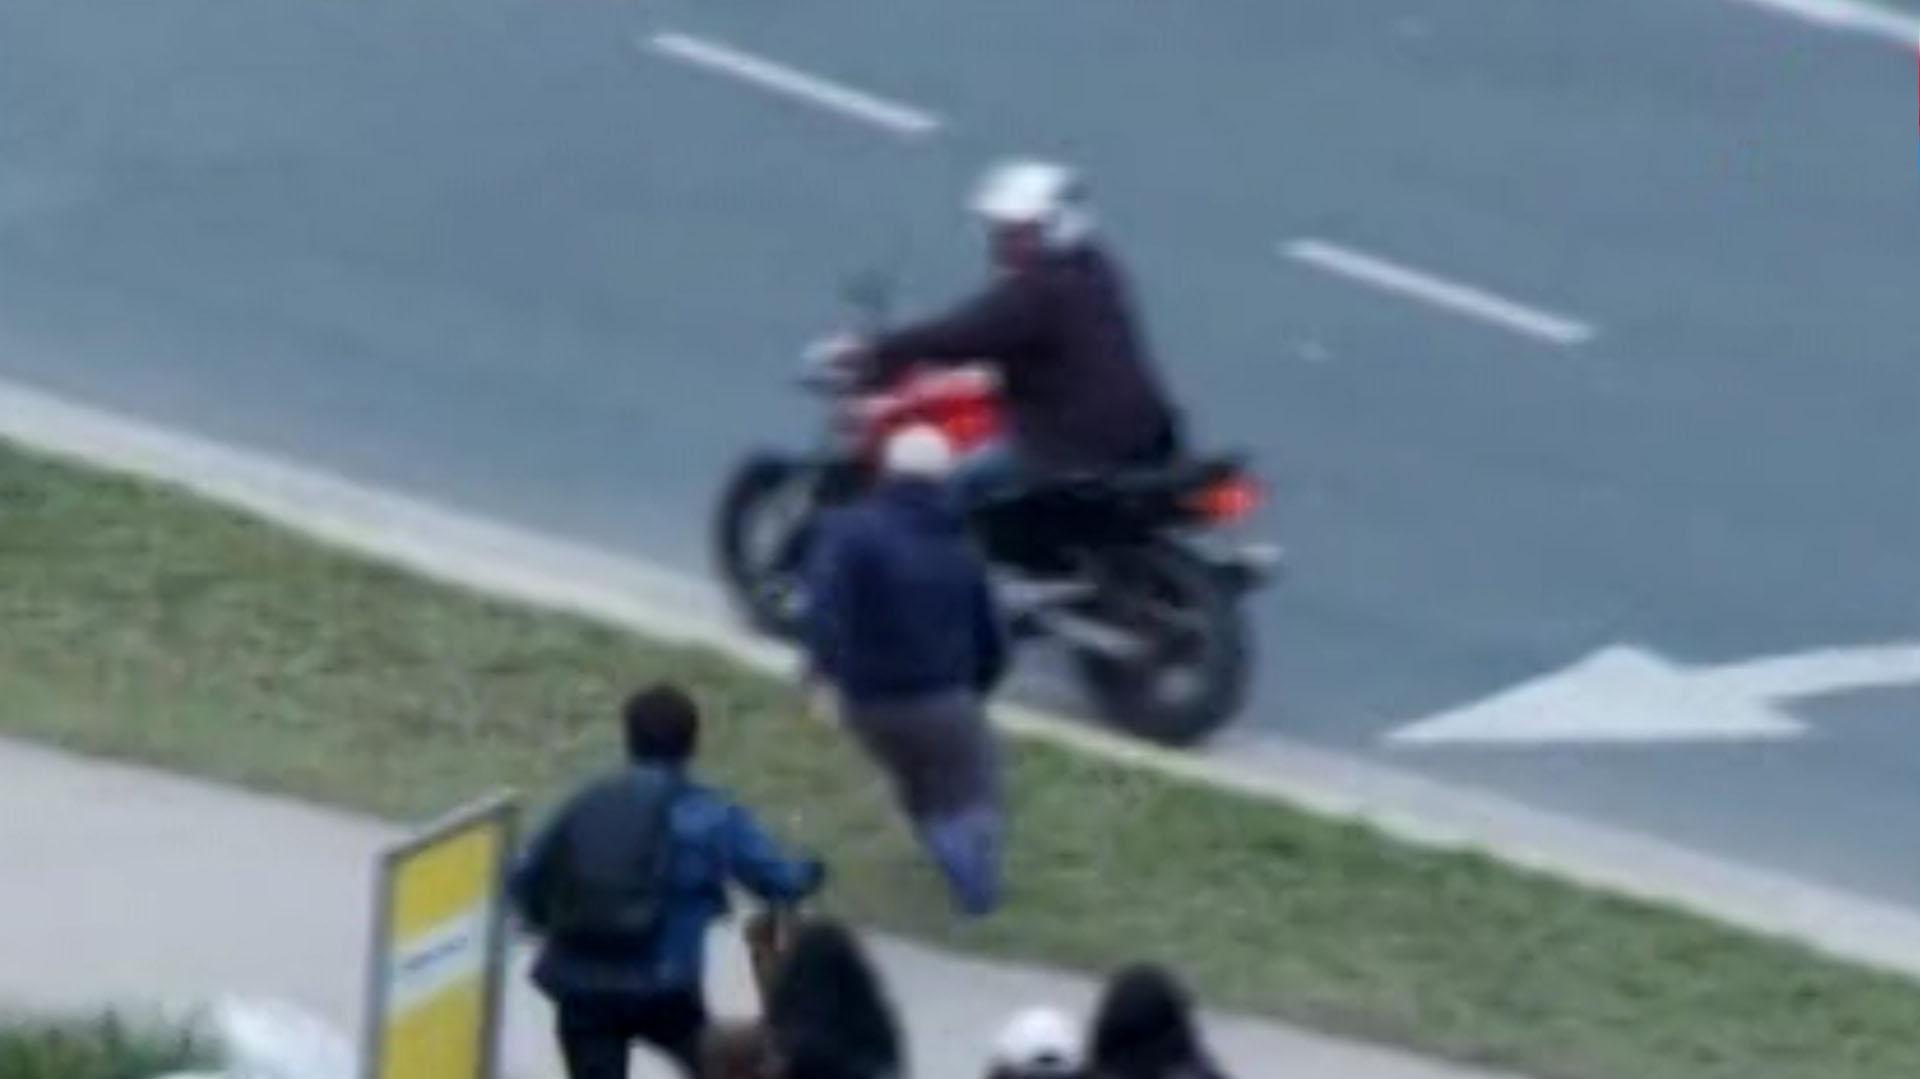 El momento en que un delincuente huye en moto junto con su cómplice